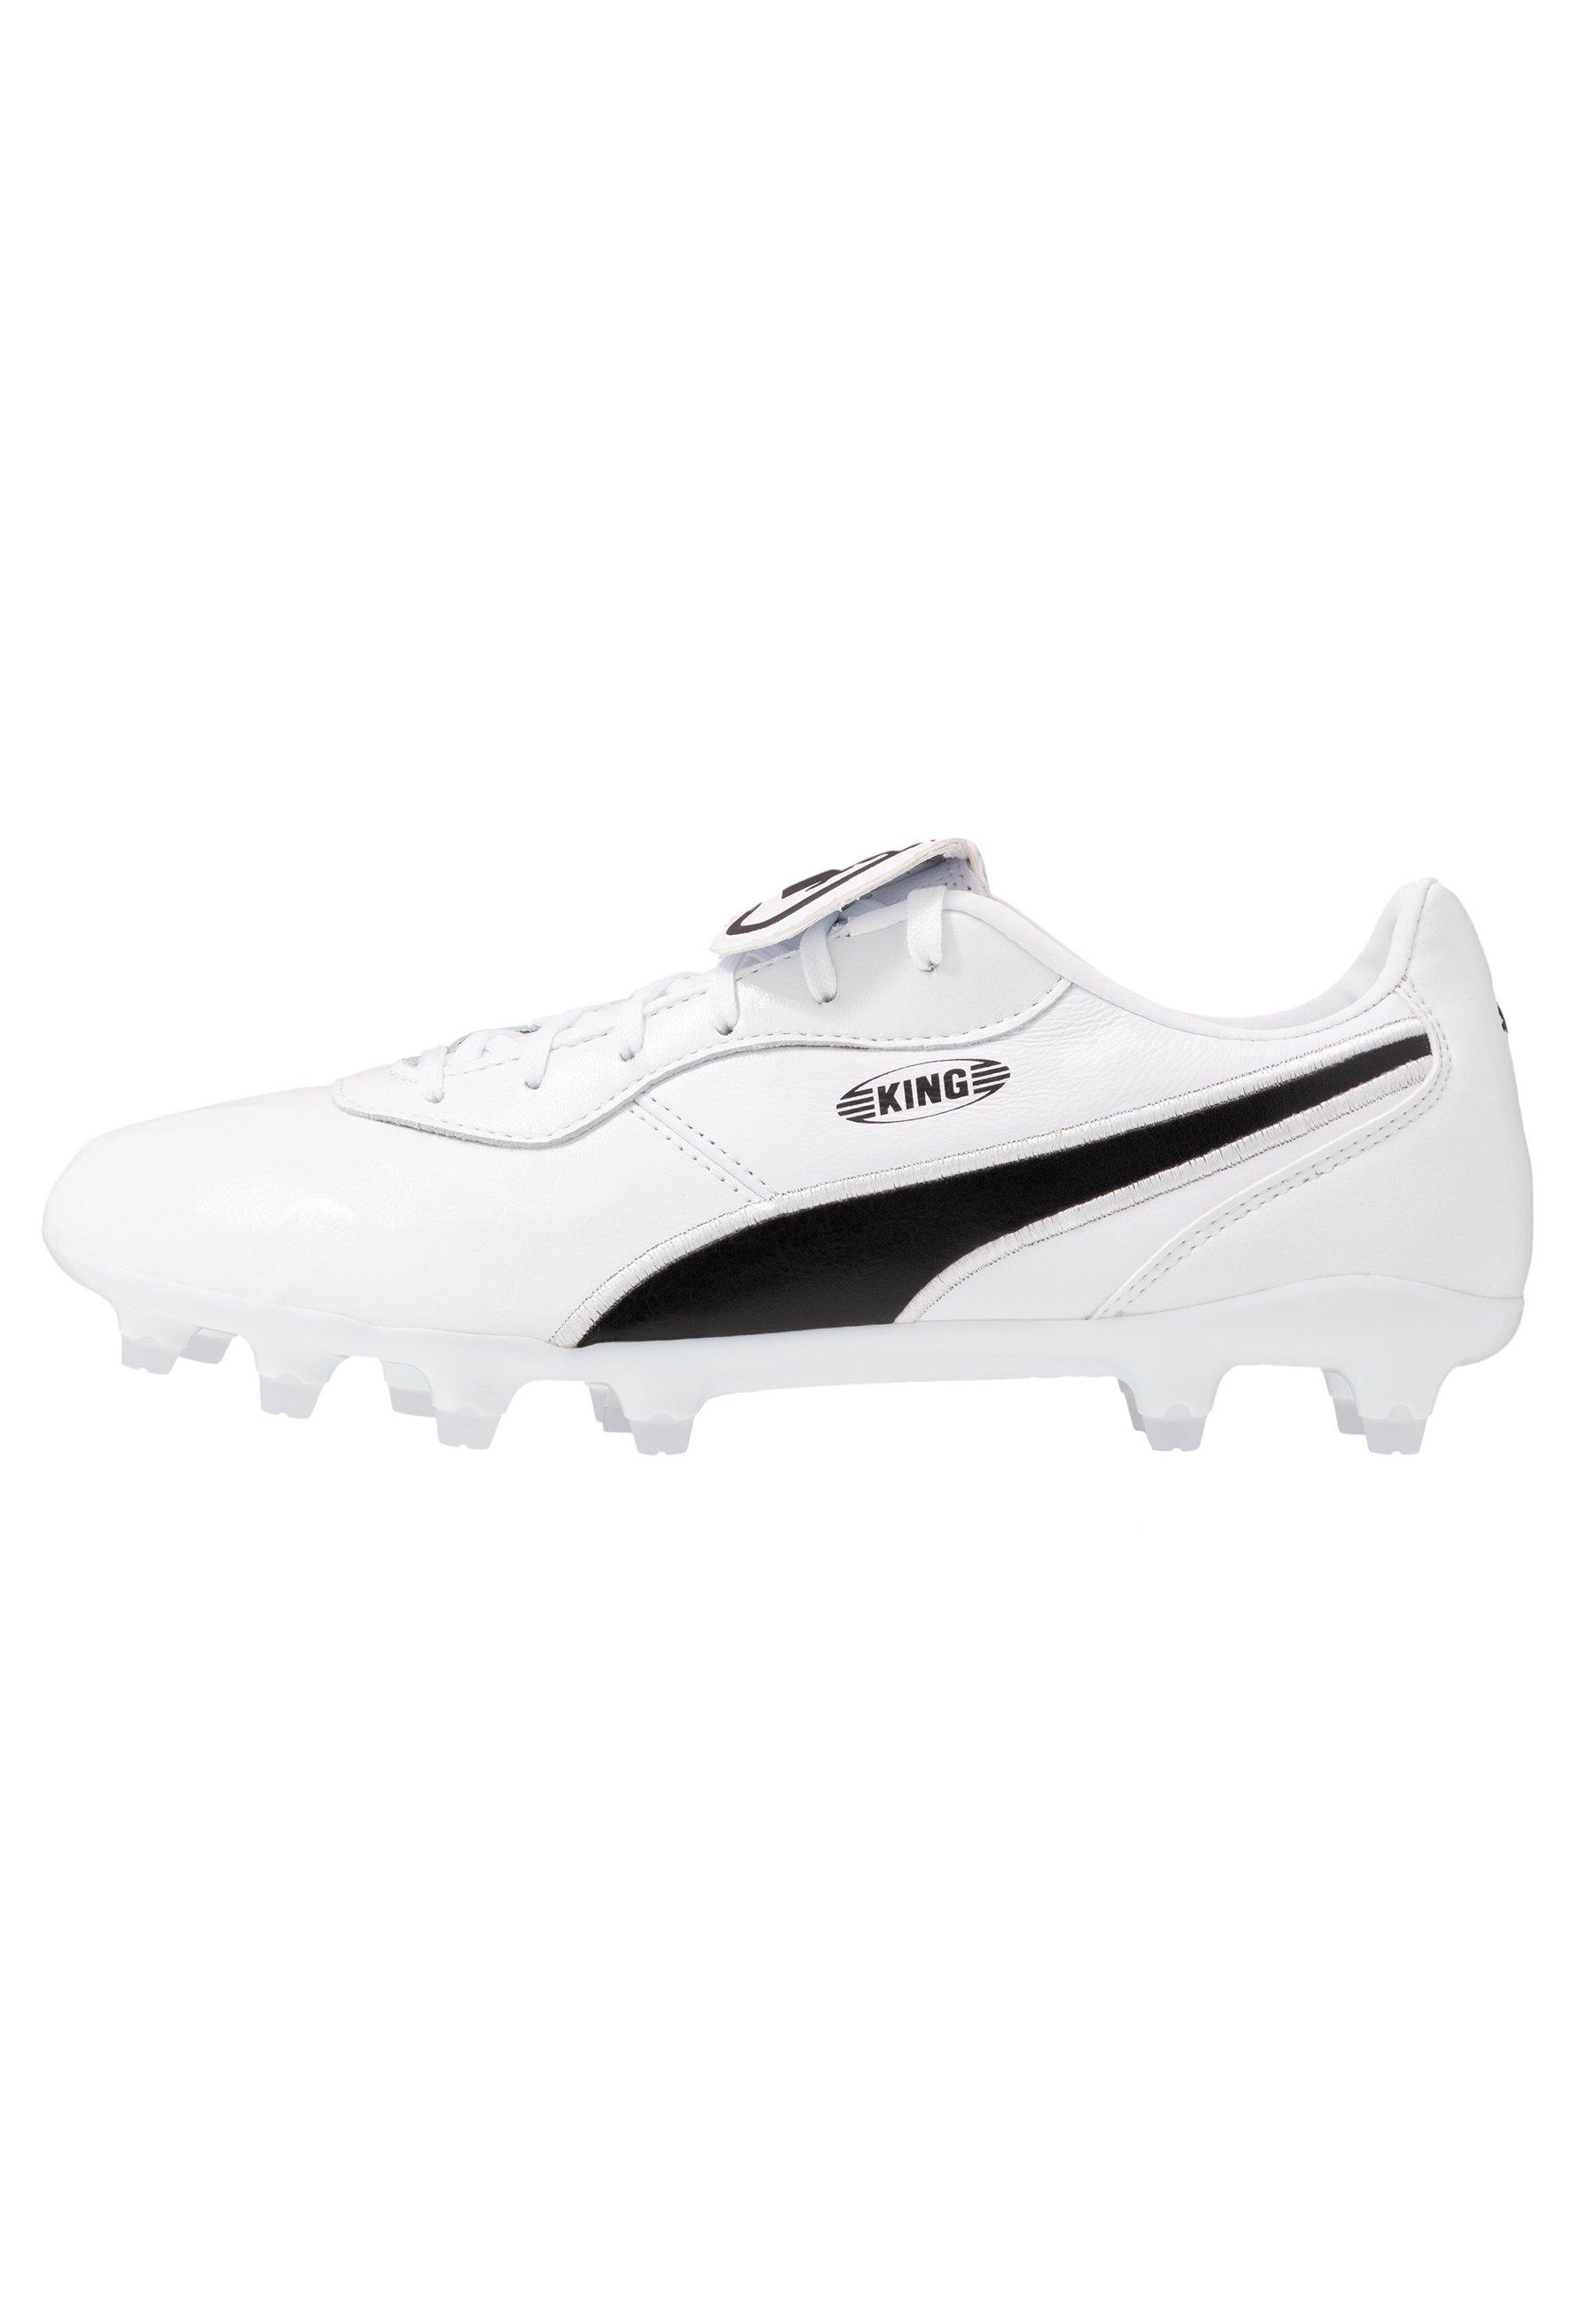 chaussures de football puma king